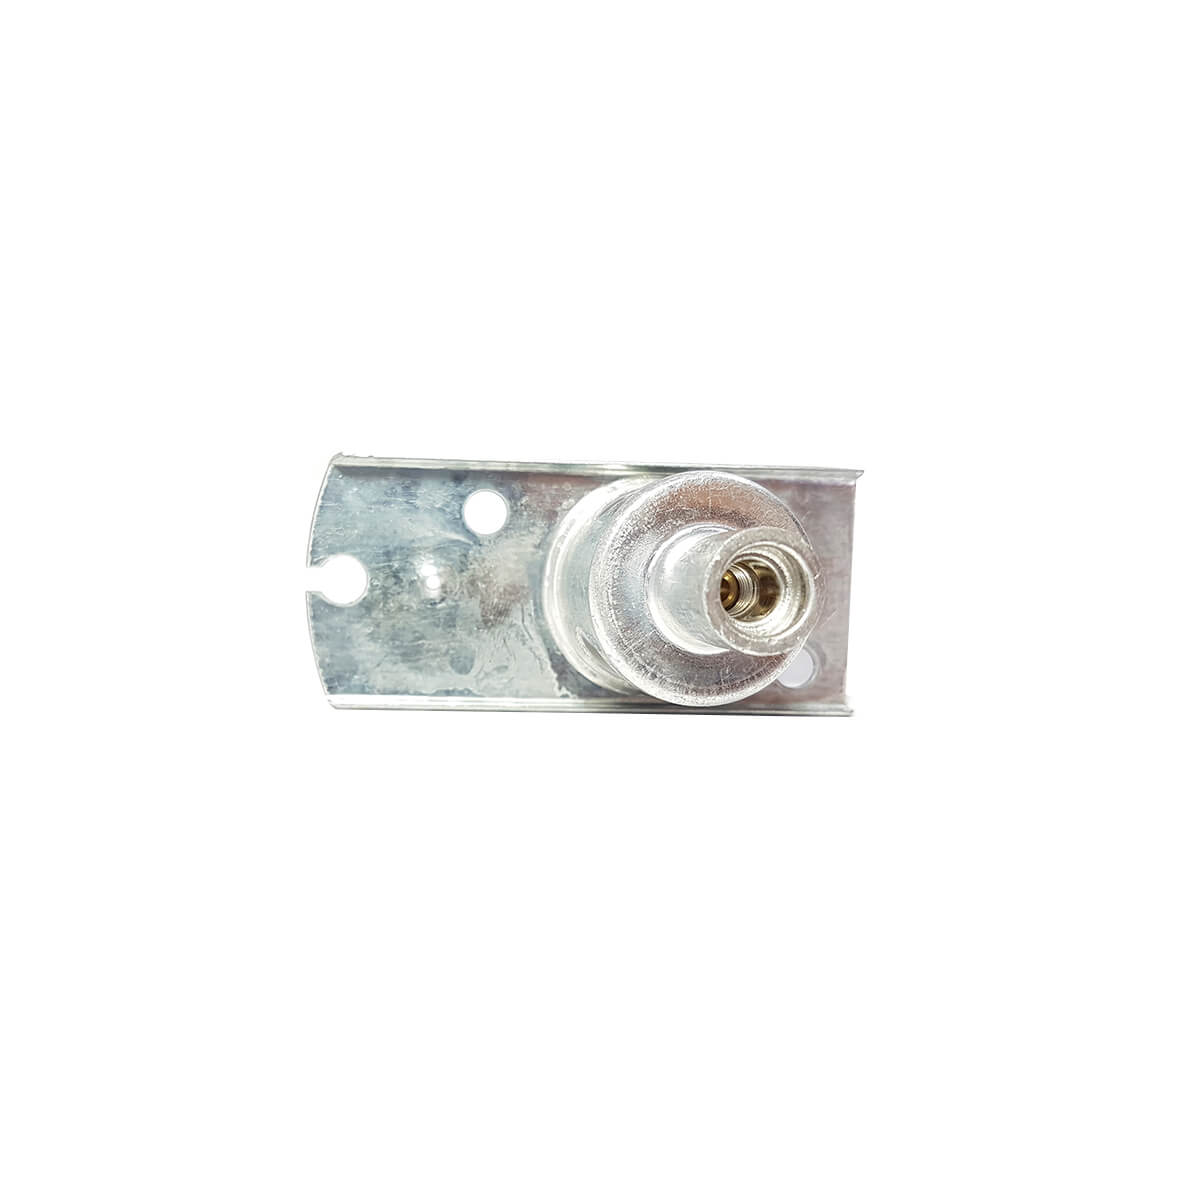 Venturi Queimador Semi Rápido Para Fogão 5 Bocas Electrolux - 72001731